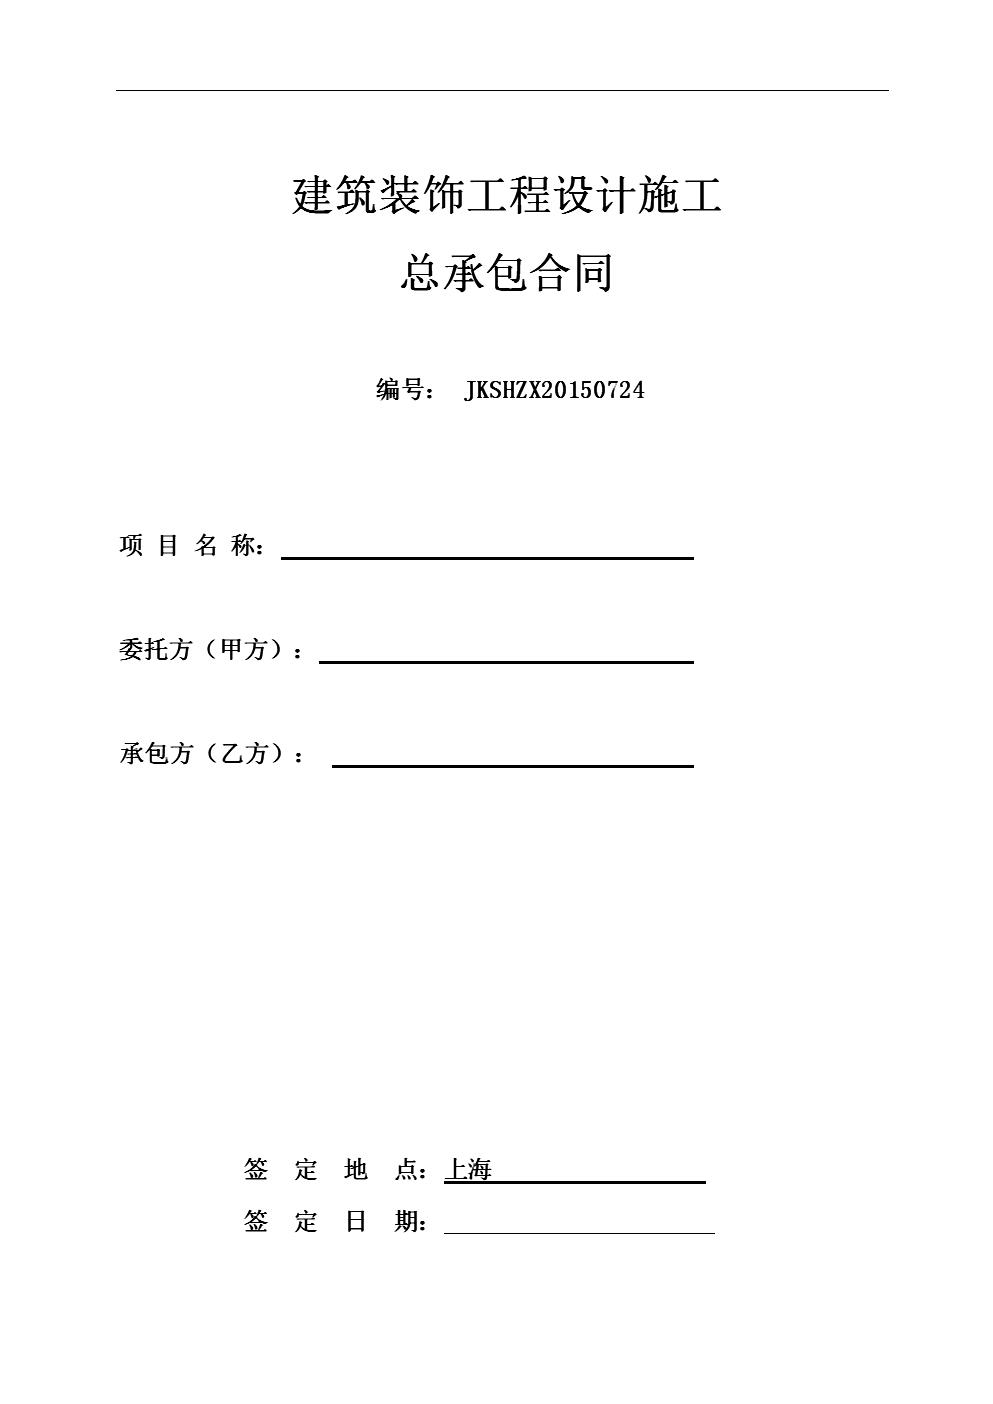 工程合同书样本_建筑装饰工程设计施工合同范本.doc